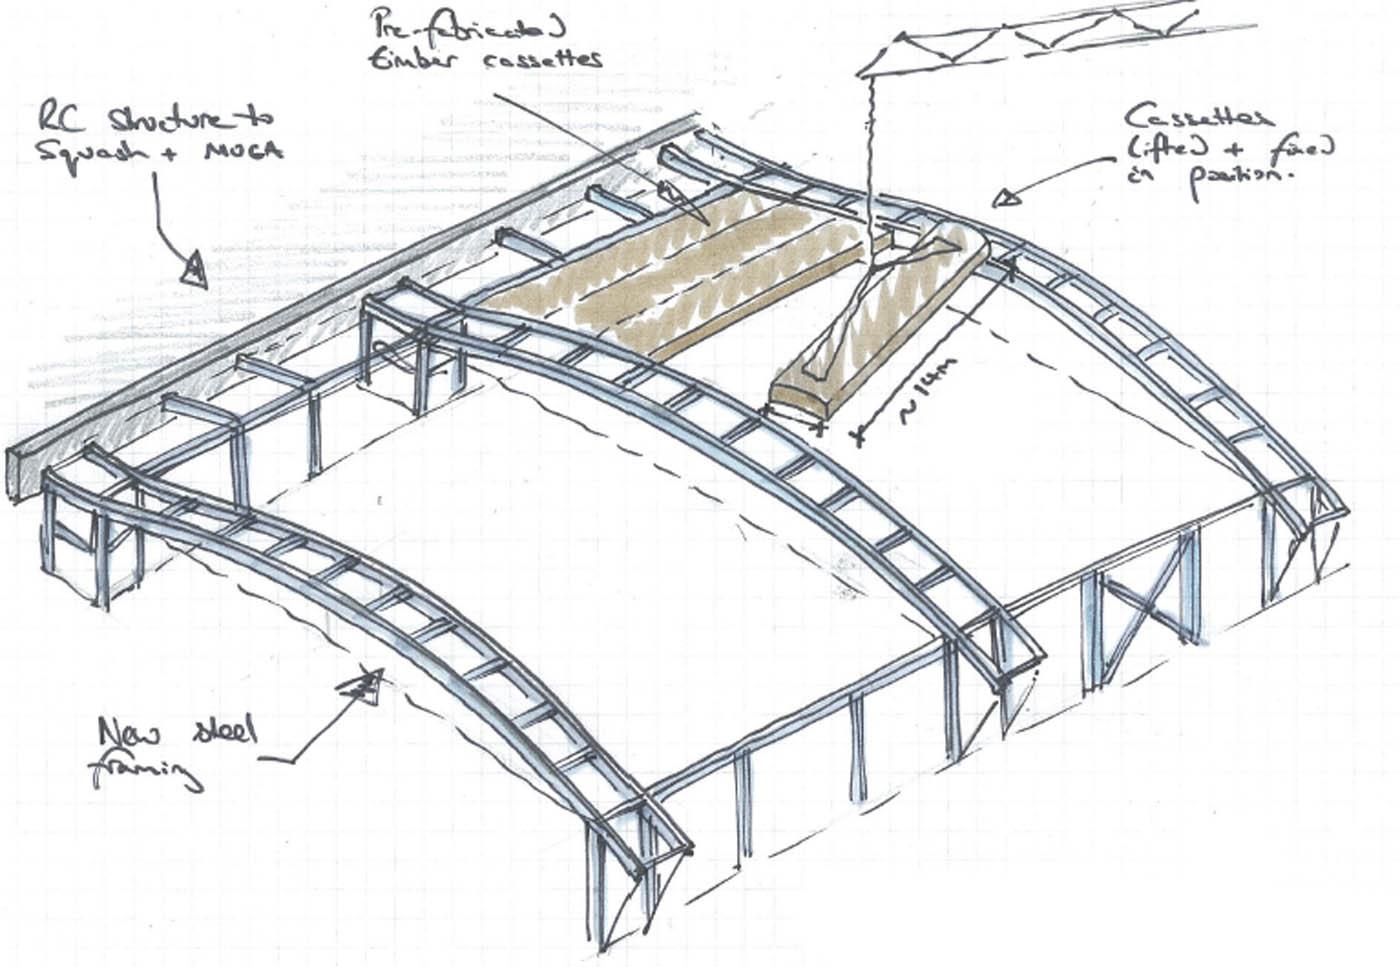 Structure de toit l g re avec des caissons kerto ripa pour for Structure de bois